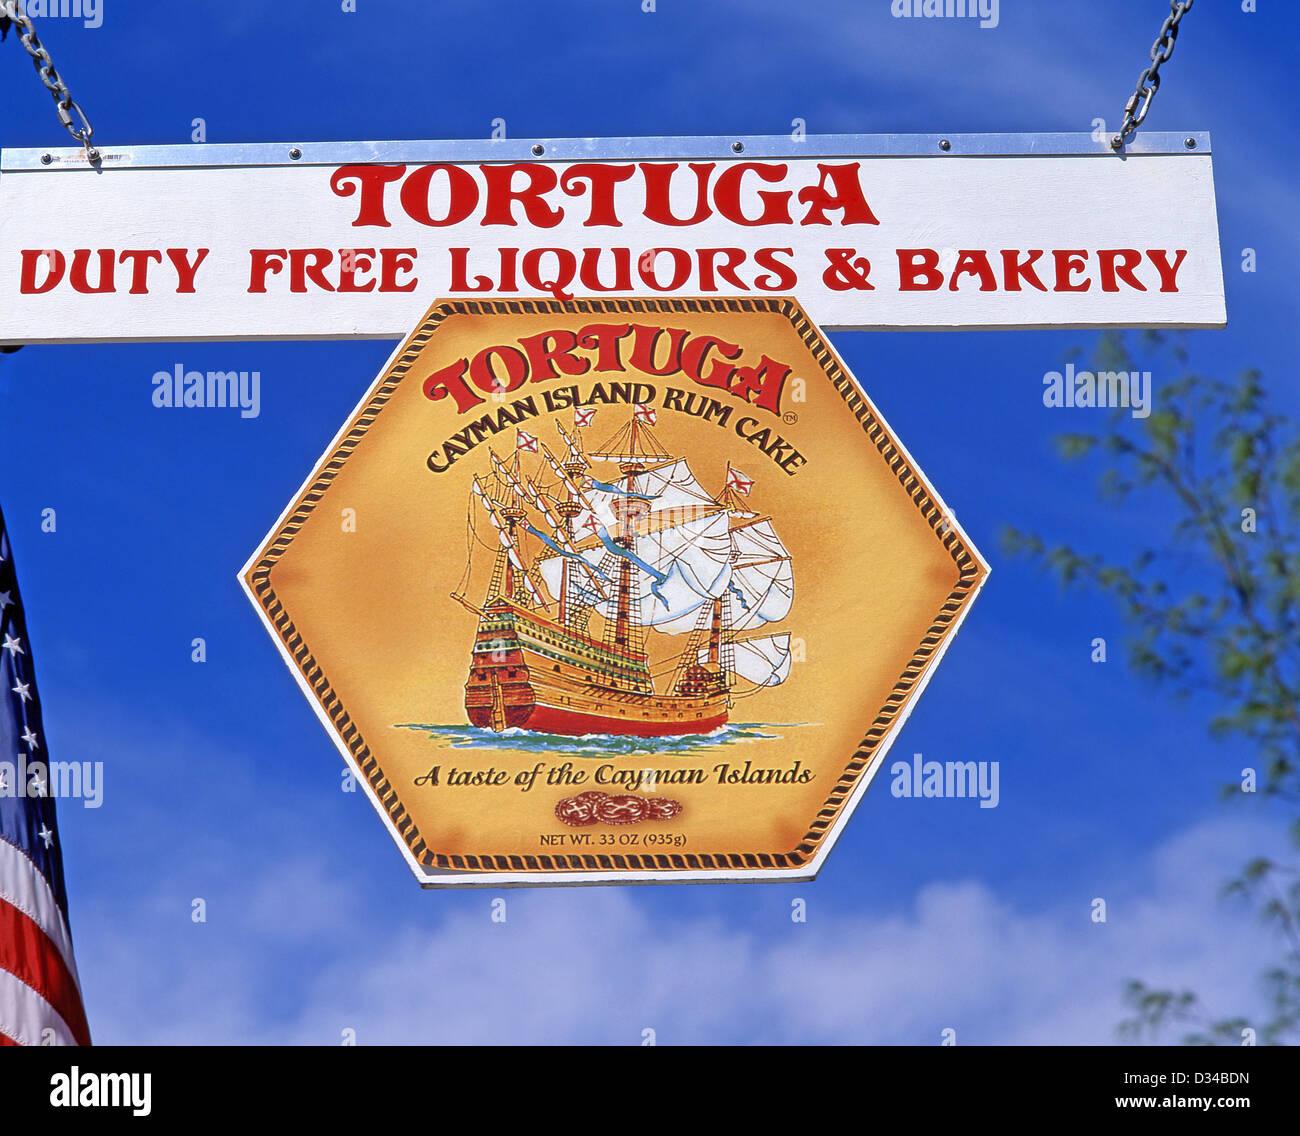 Bäckerei Tortuga Rum Kuchen Zu Unterzeichnen, In George Town, Grand Cayman,  Cayman Inseln, Große Antillen Karibik